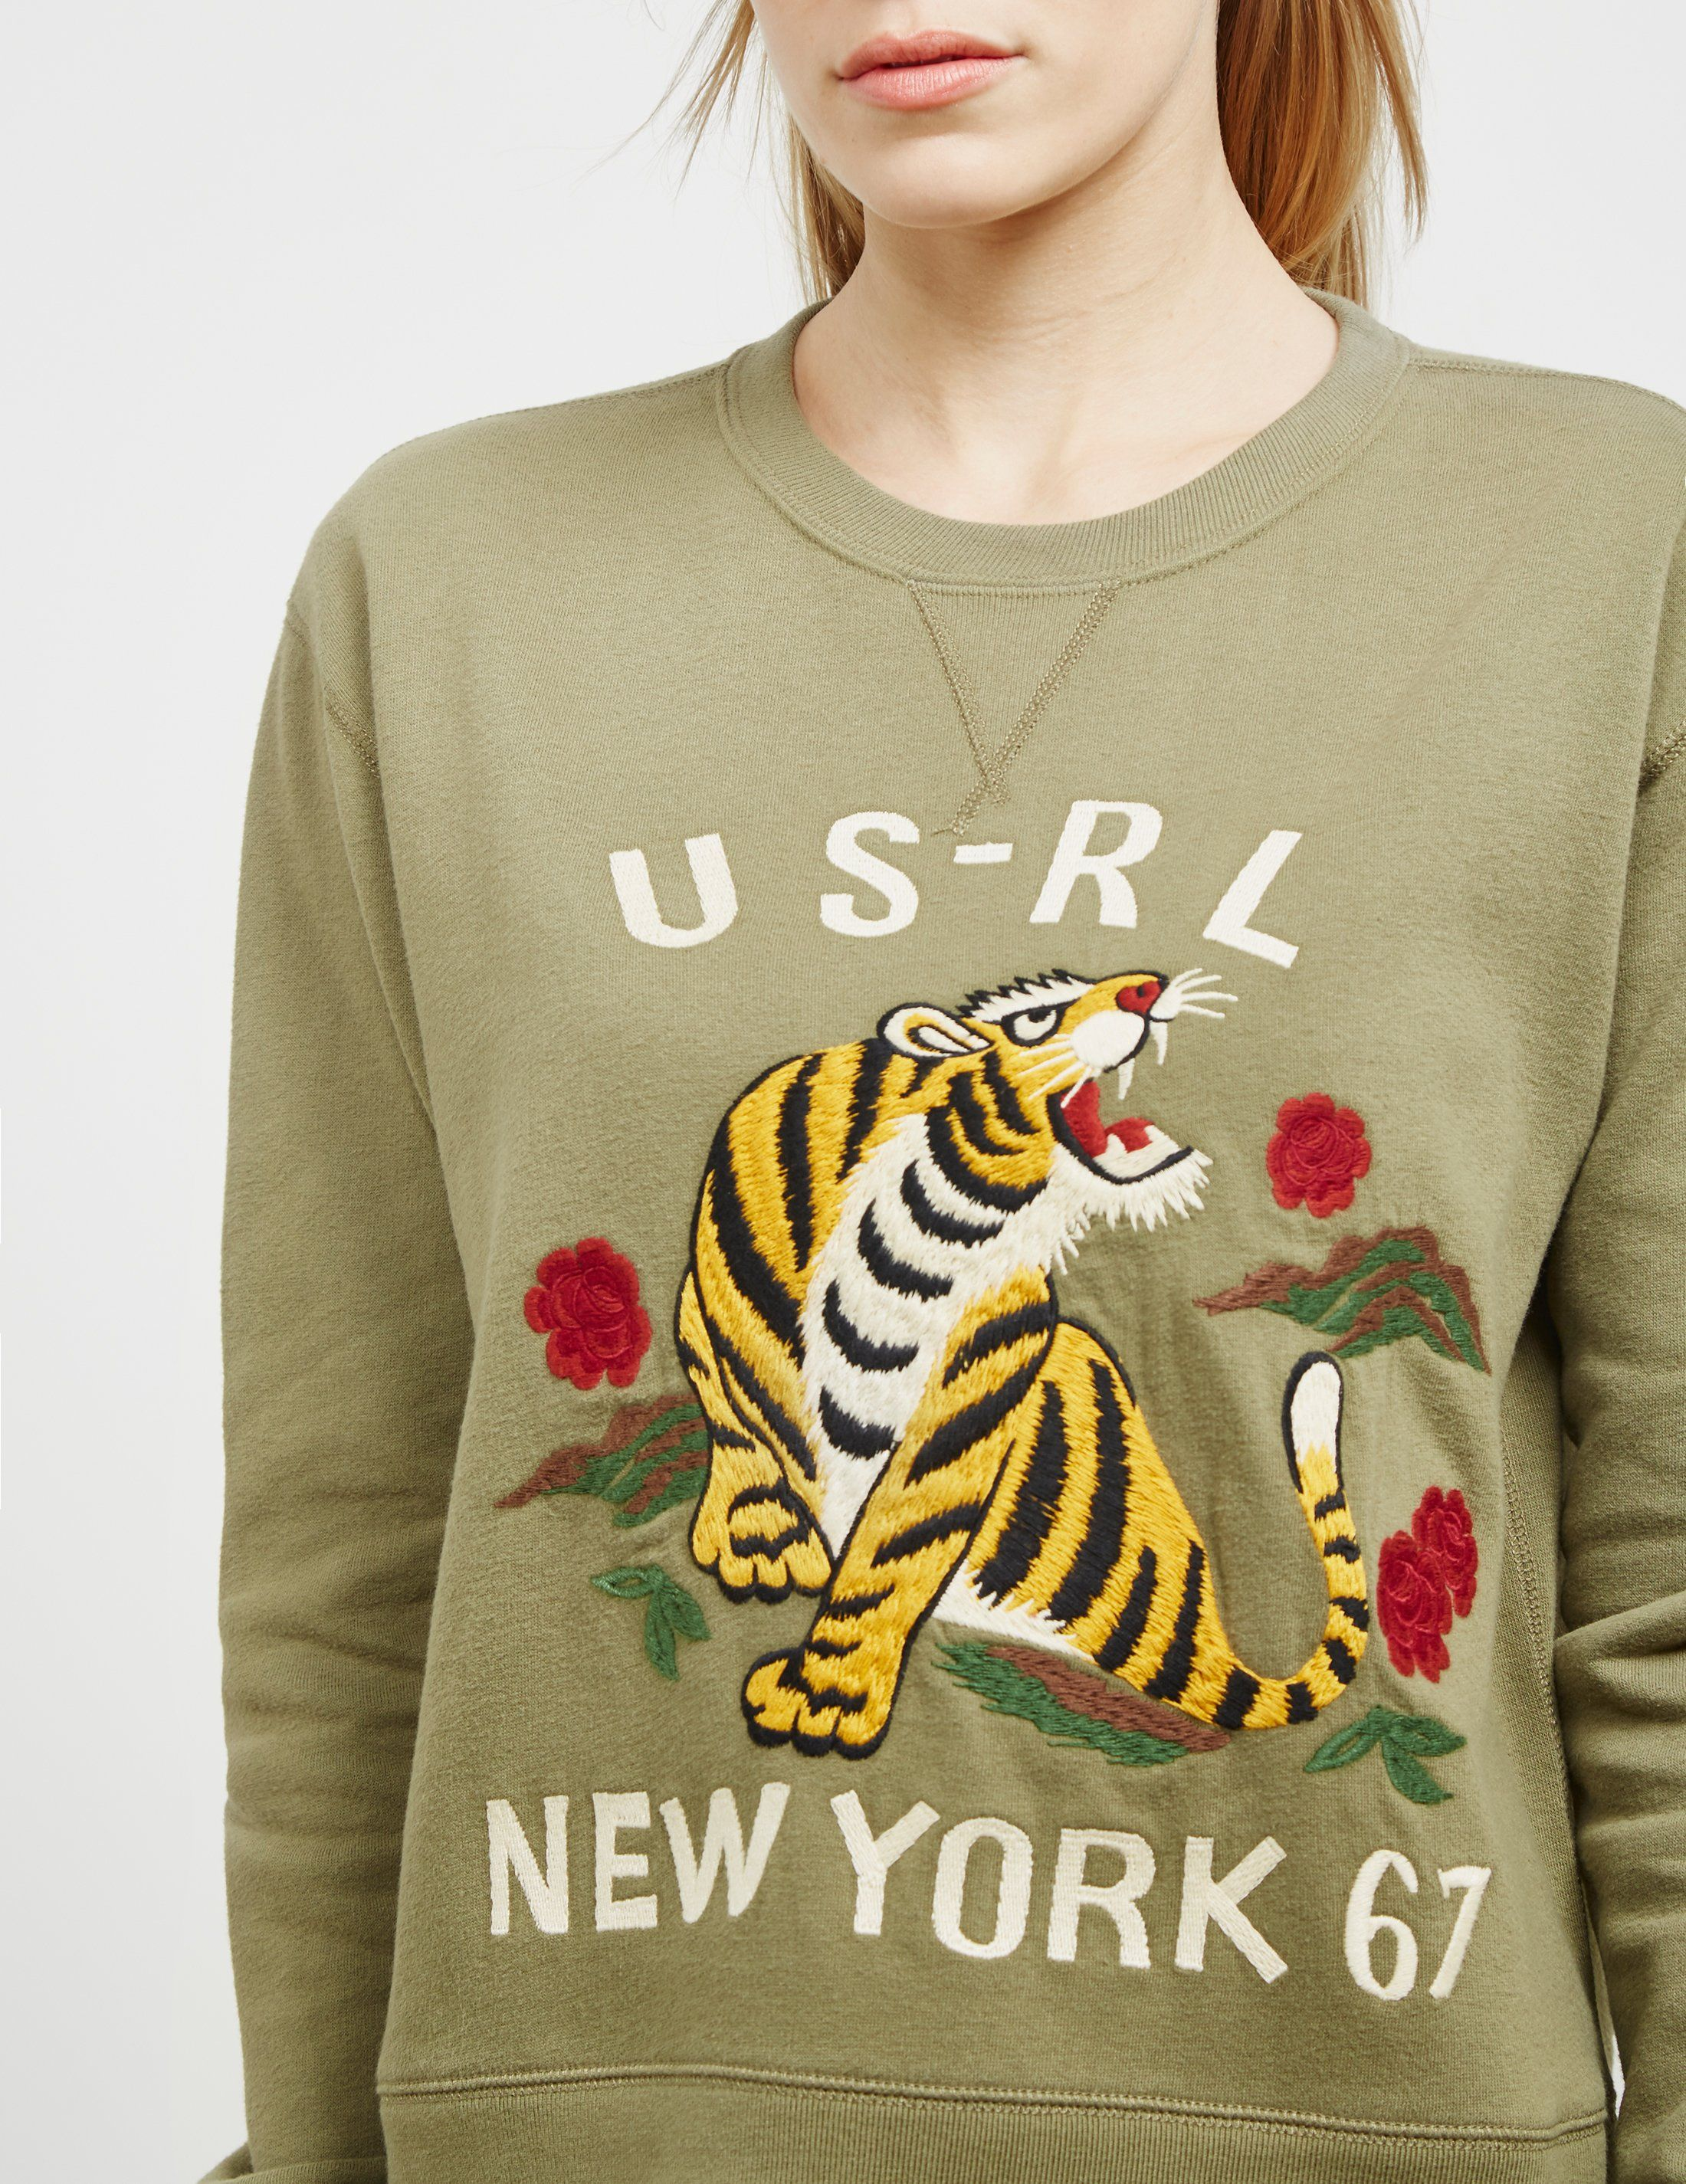 Polo Ralph Lauren Tiger Sweatshirt - Online Exclusive